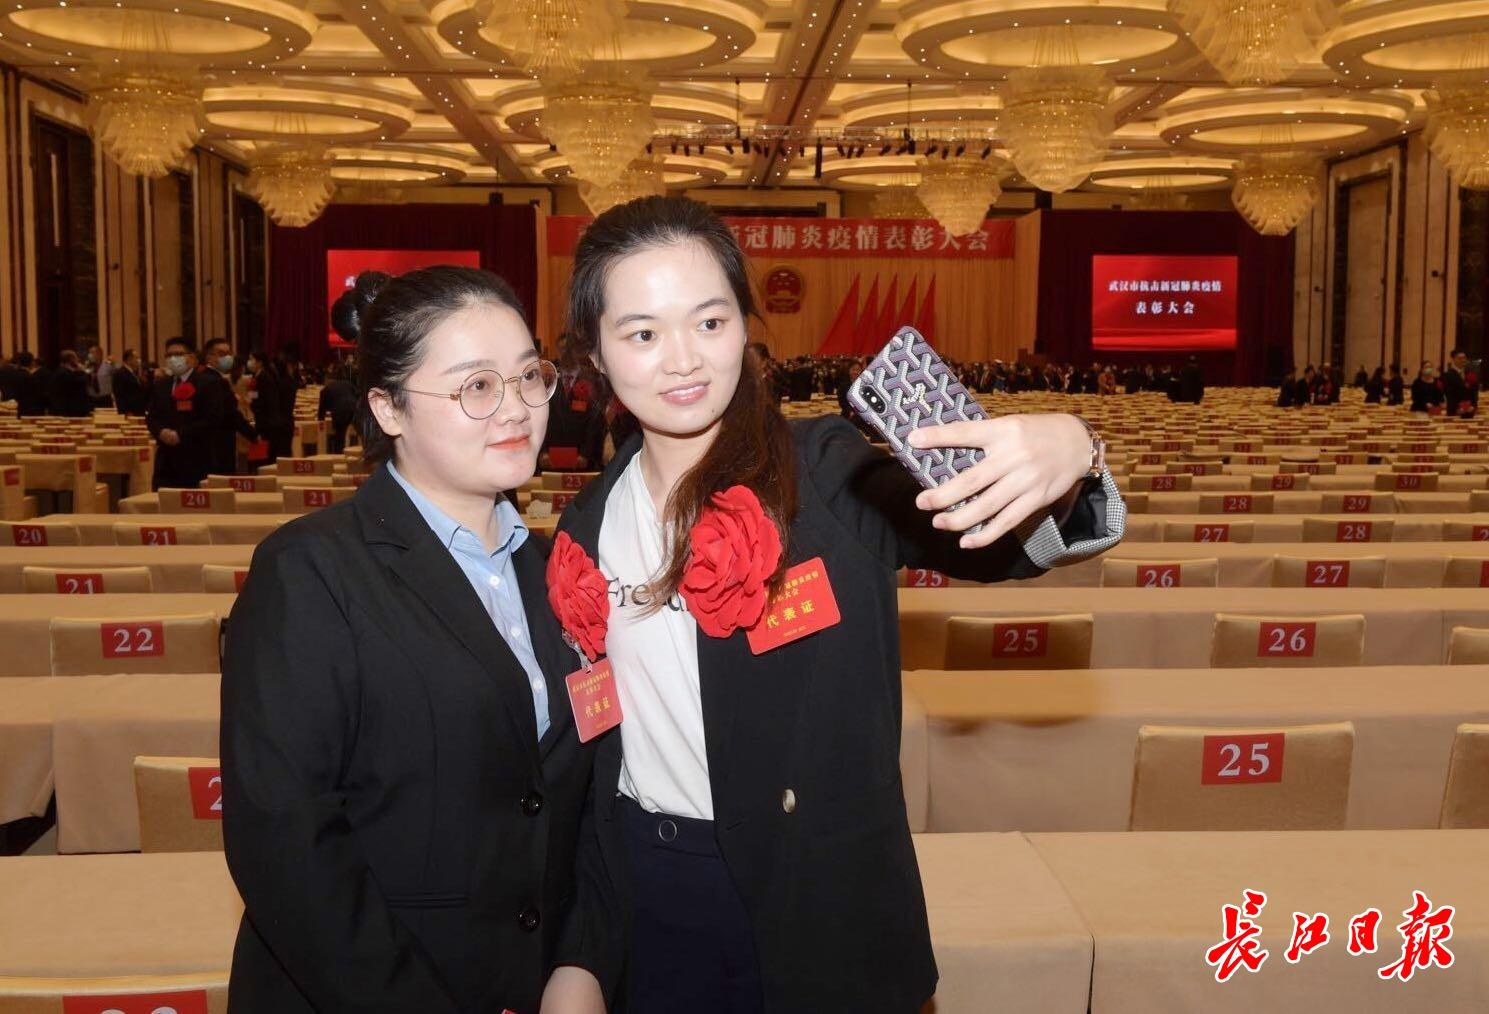 武汉市抗击新冠肺炎疫情表彰大会结束,代表们合影留念